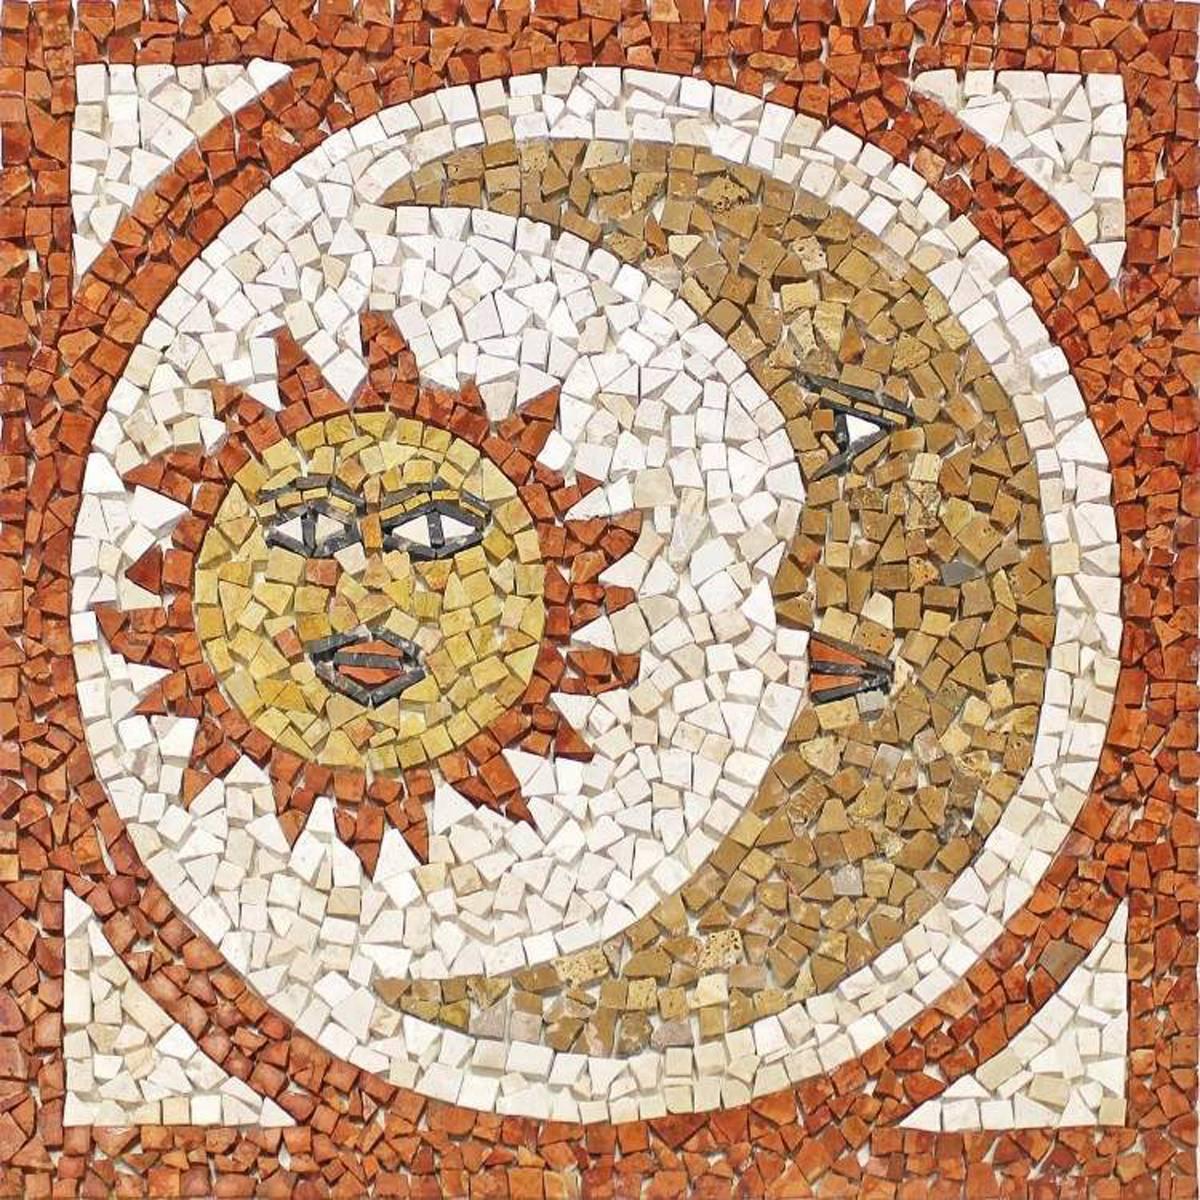 Rosoni rosone mosaico in marmo su rete per interni esterni 66x66 MAJORCA 66.61